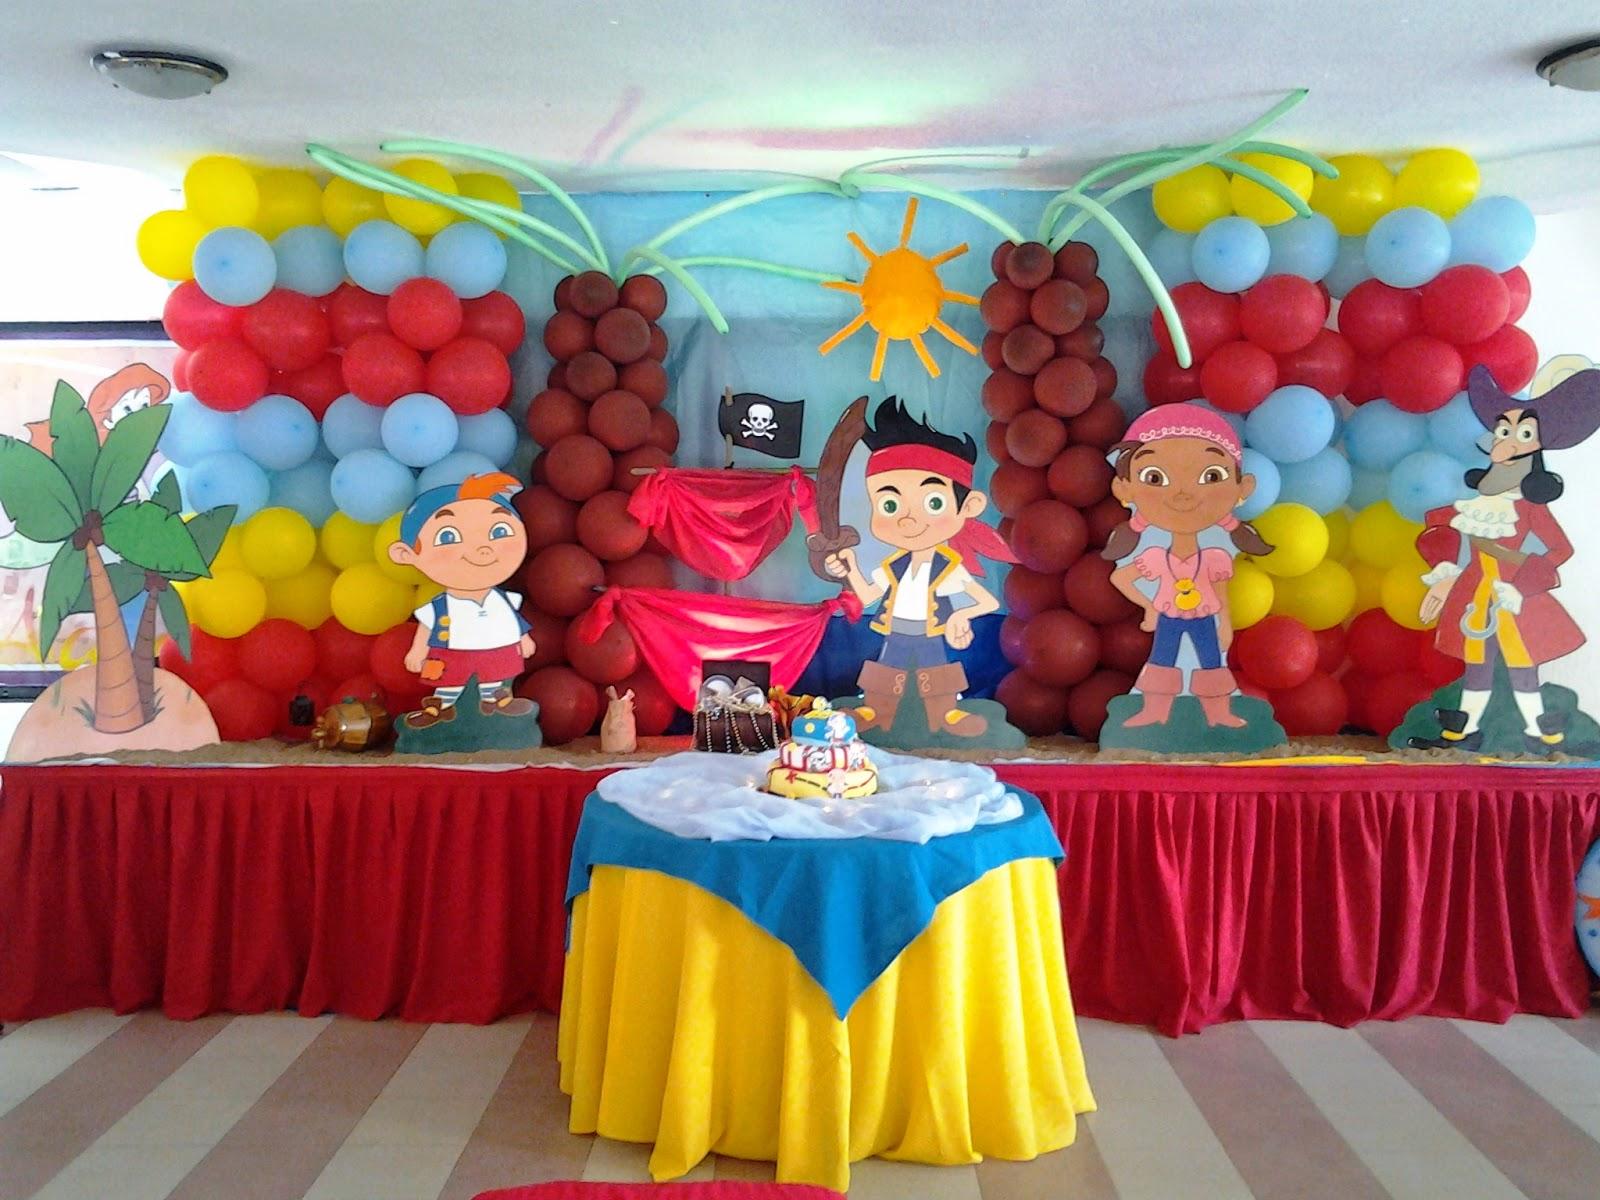 Pkelandia fiesta de jake y los piratas del nunca jam s - Adornos fiesta de cumpleanos ...